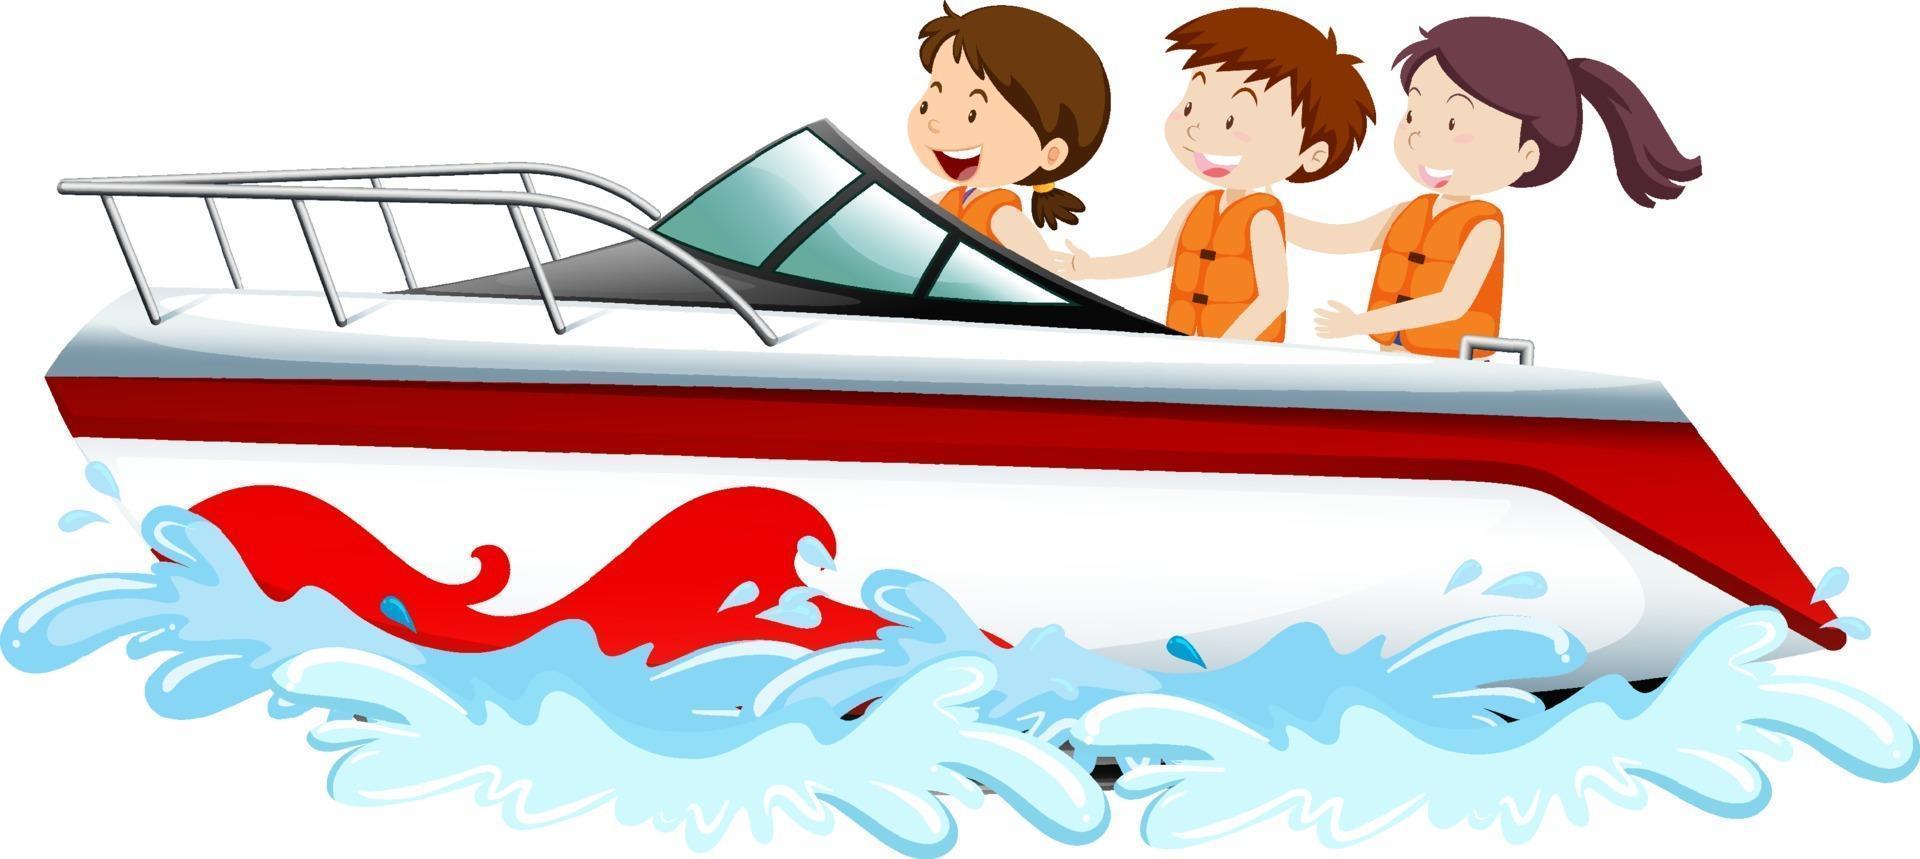 Leute, die auf einem Schnellboot lokalisiert auf weißem Hintergrund stehen vektor